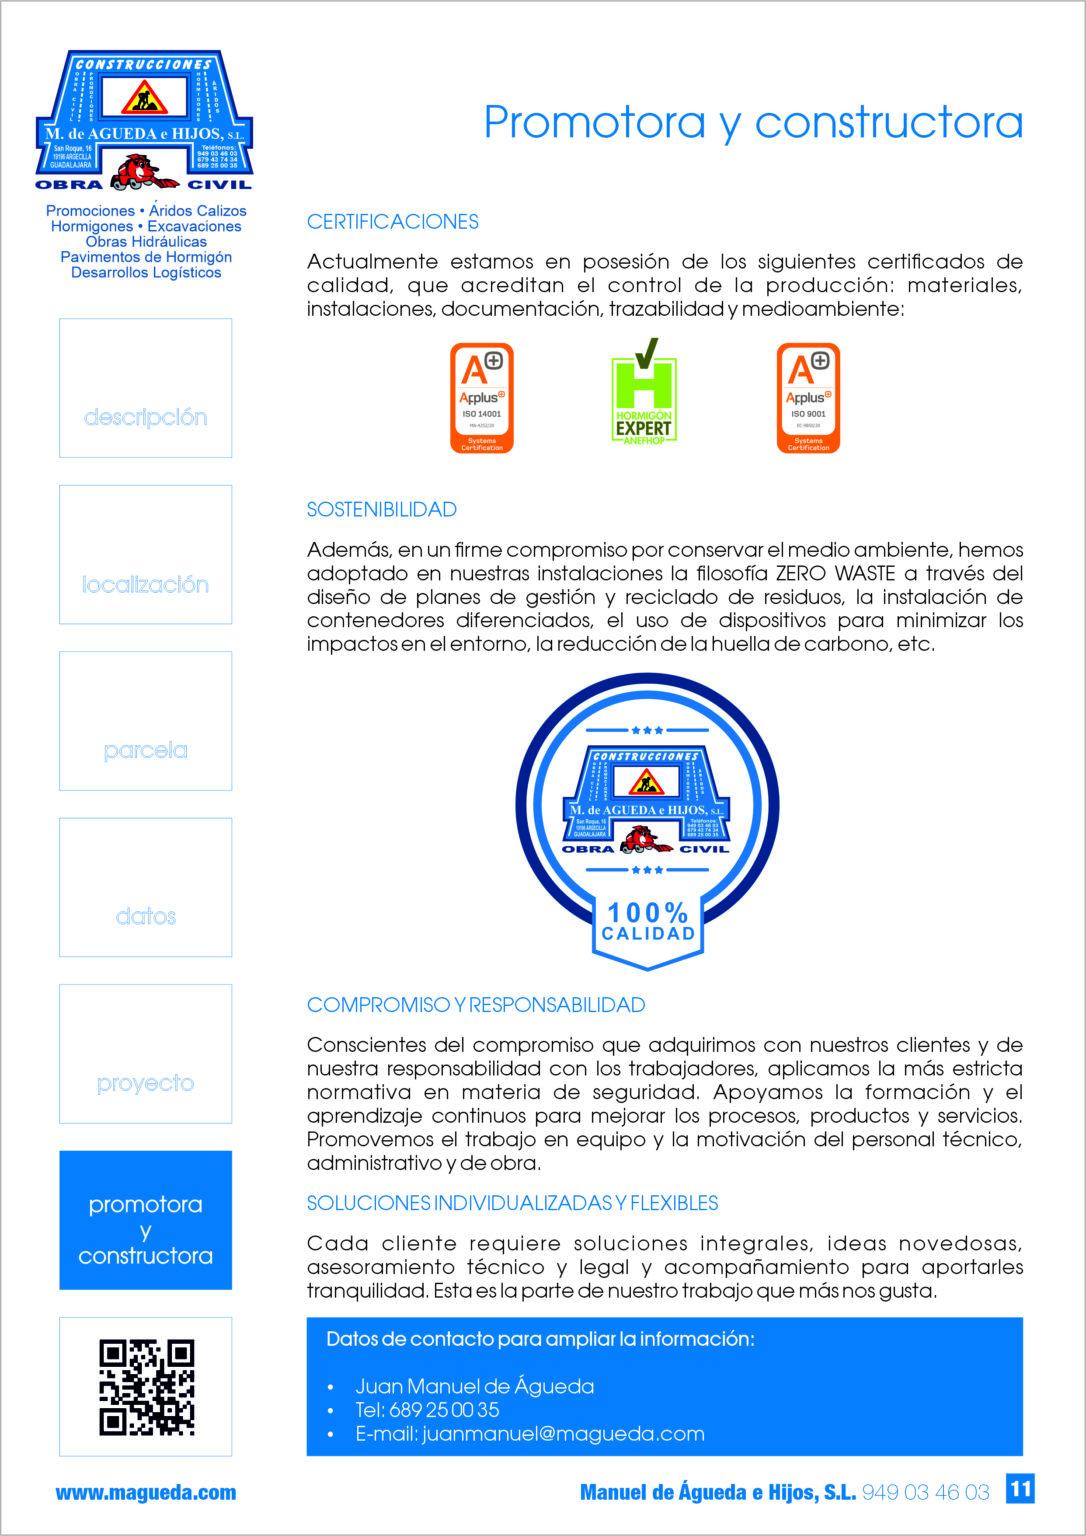 aagueda-dossier-comercial-I3-4-11